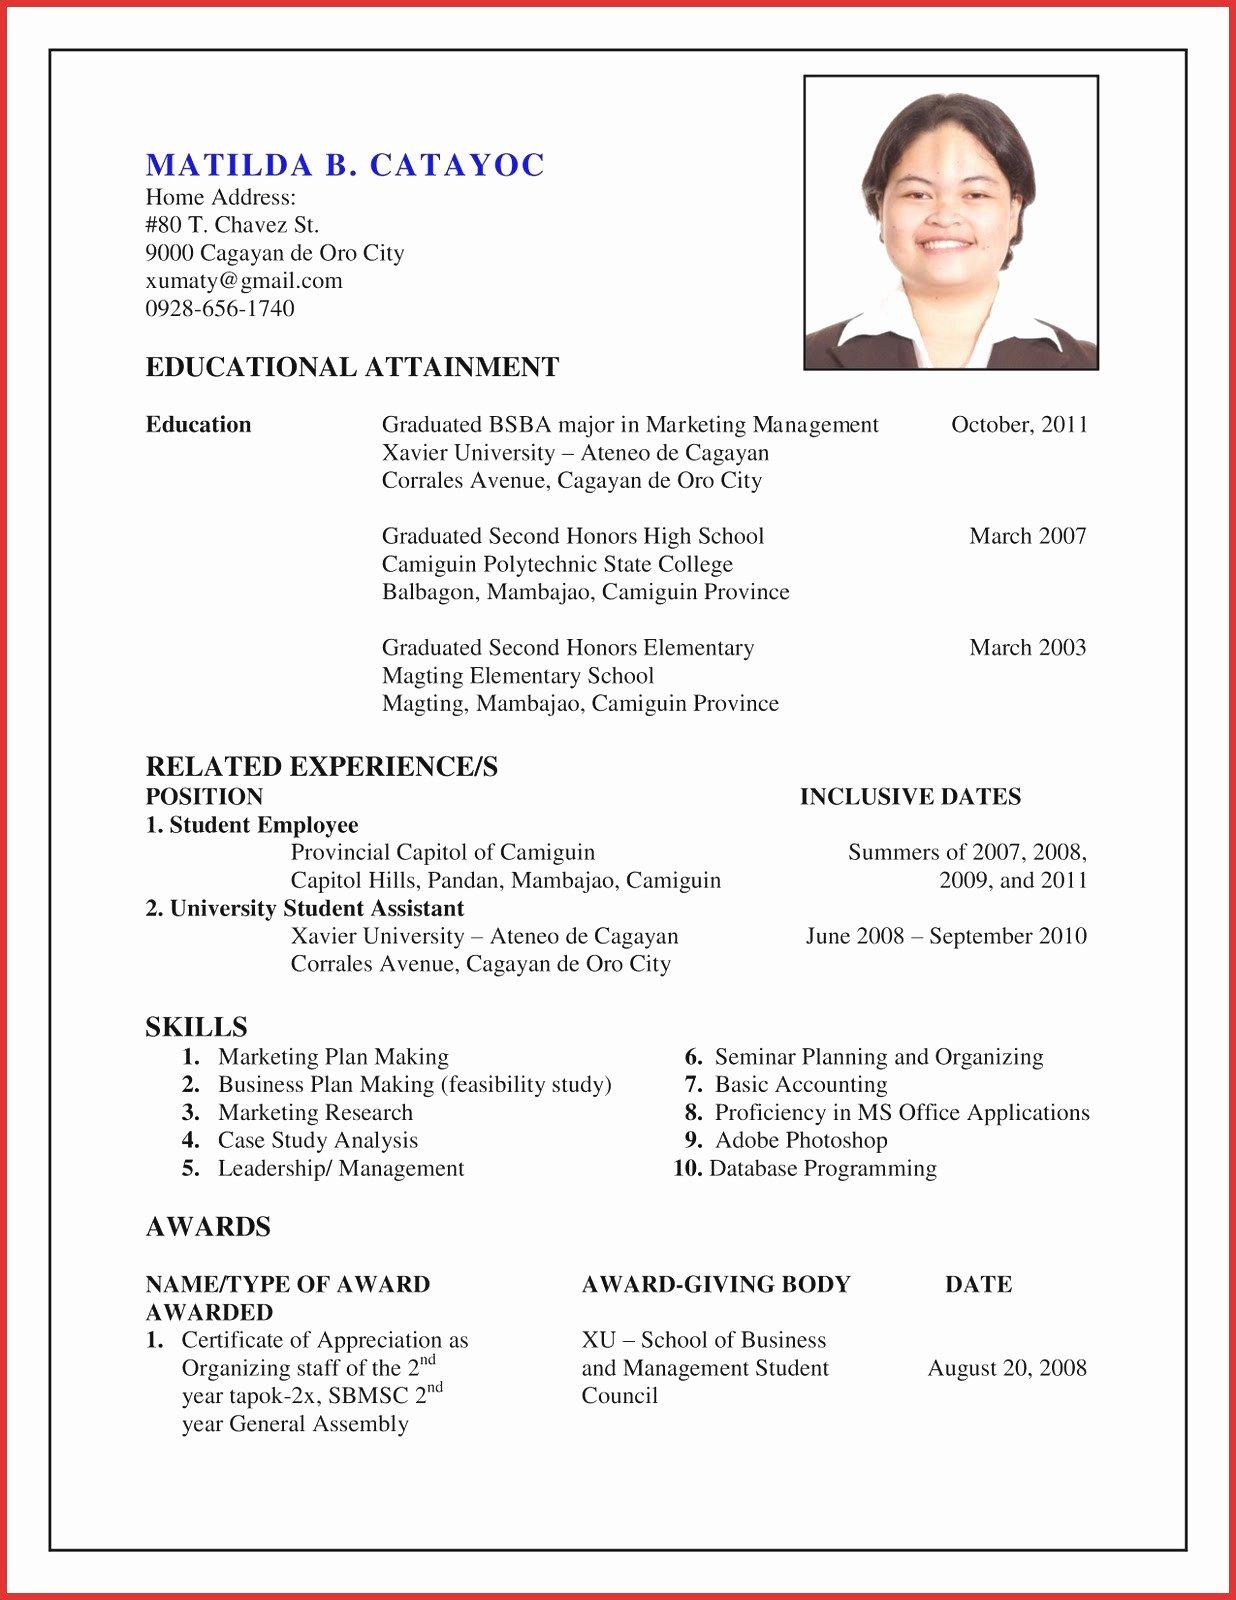 Unique How to Create Resume